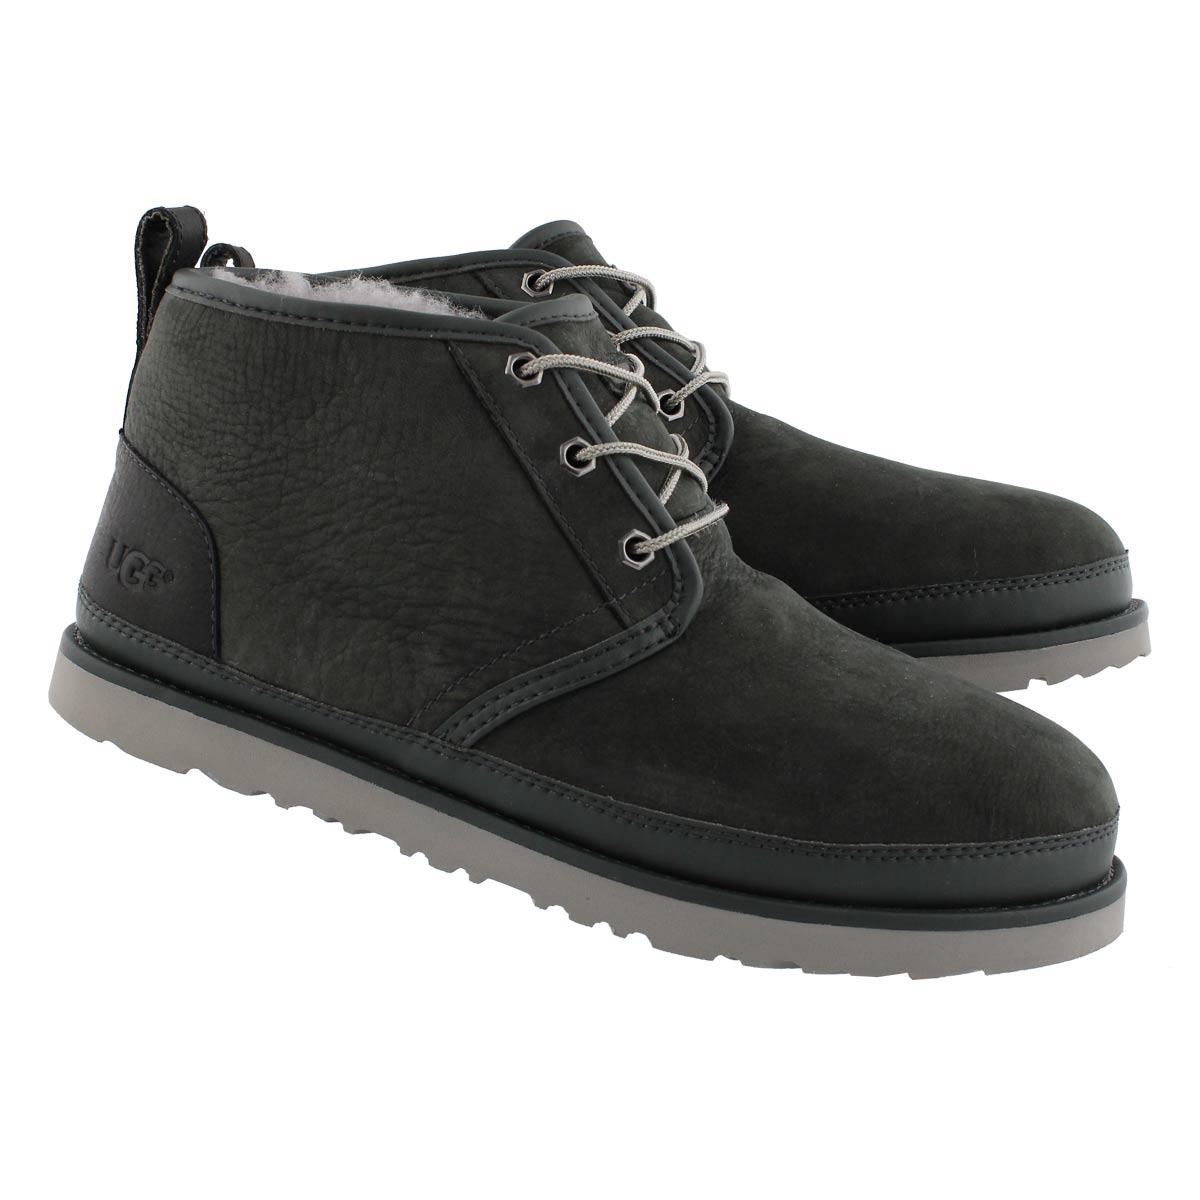 Mns Neumel tru navy wtpf chukka boot